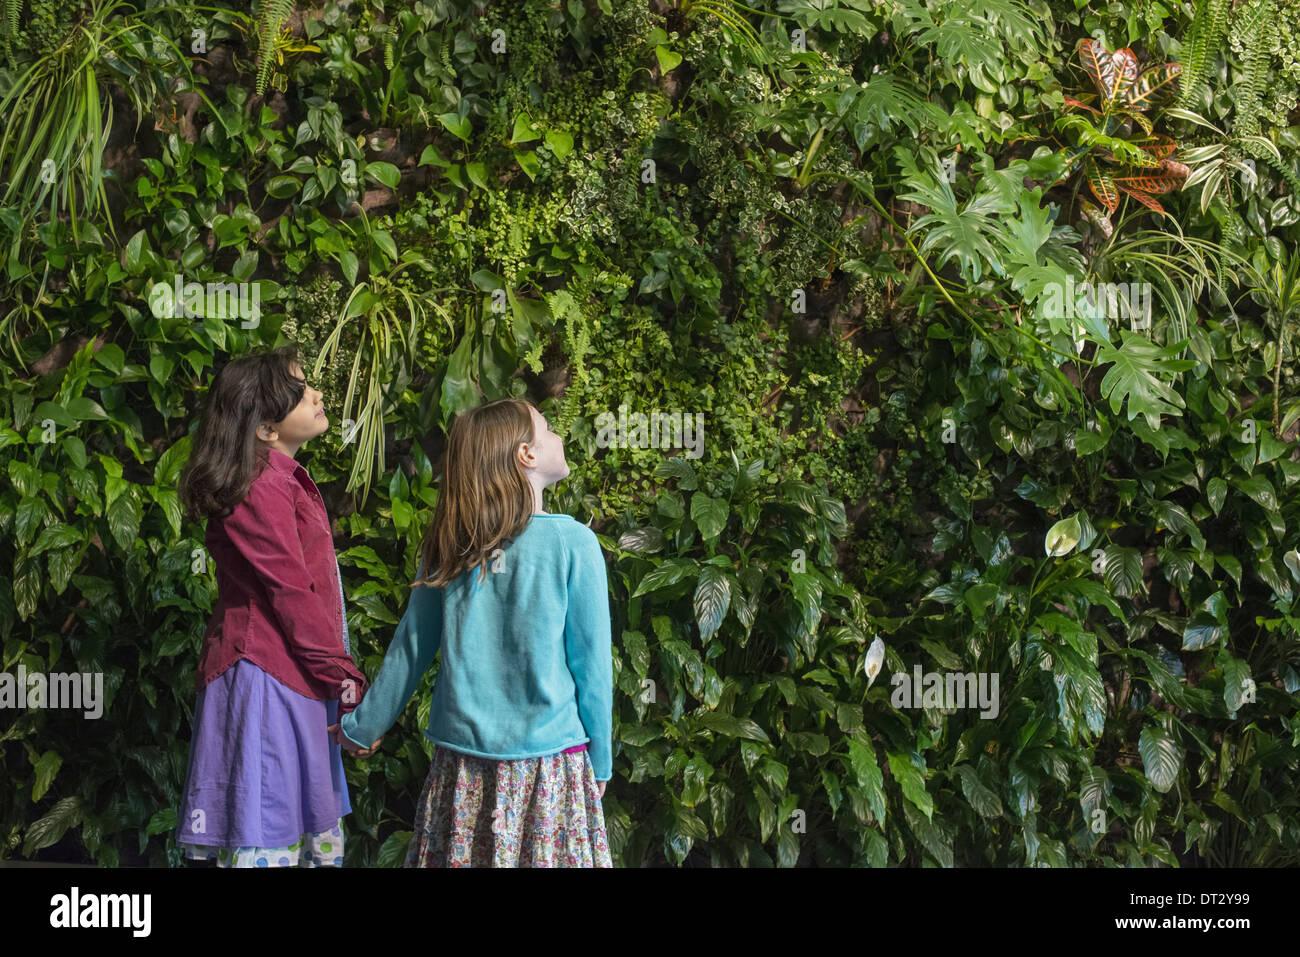 Uno stile di vita urbano due bambini per mano e guardando verso l'alto una parete ricoperta di fogliame crescente di una vasta gamma di piante Immagini Stock